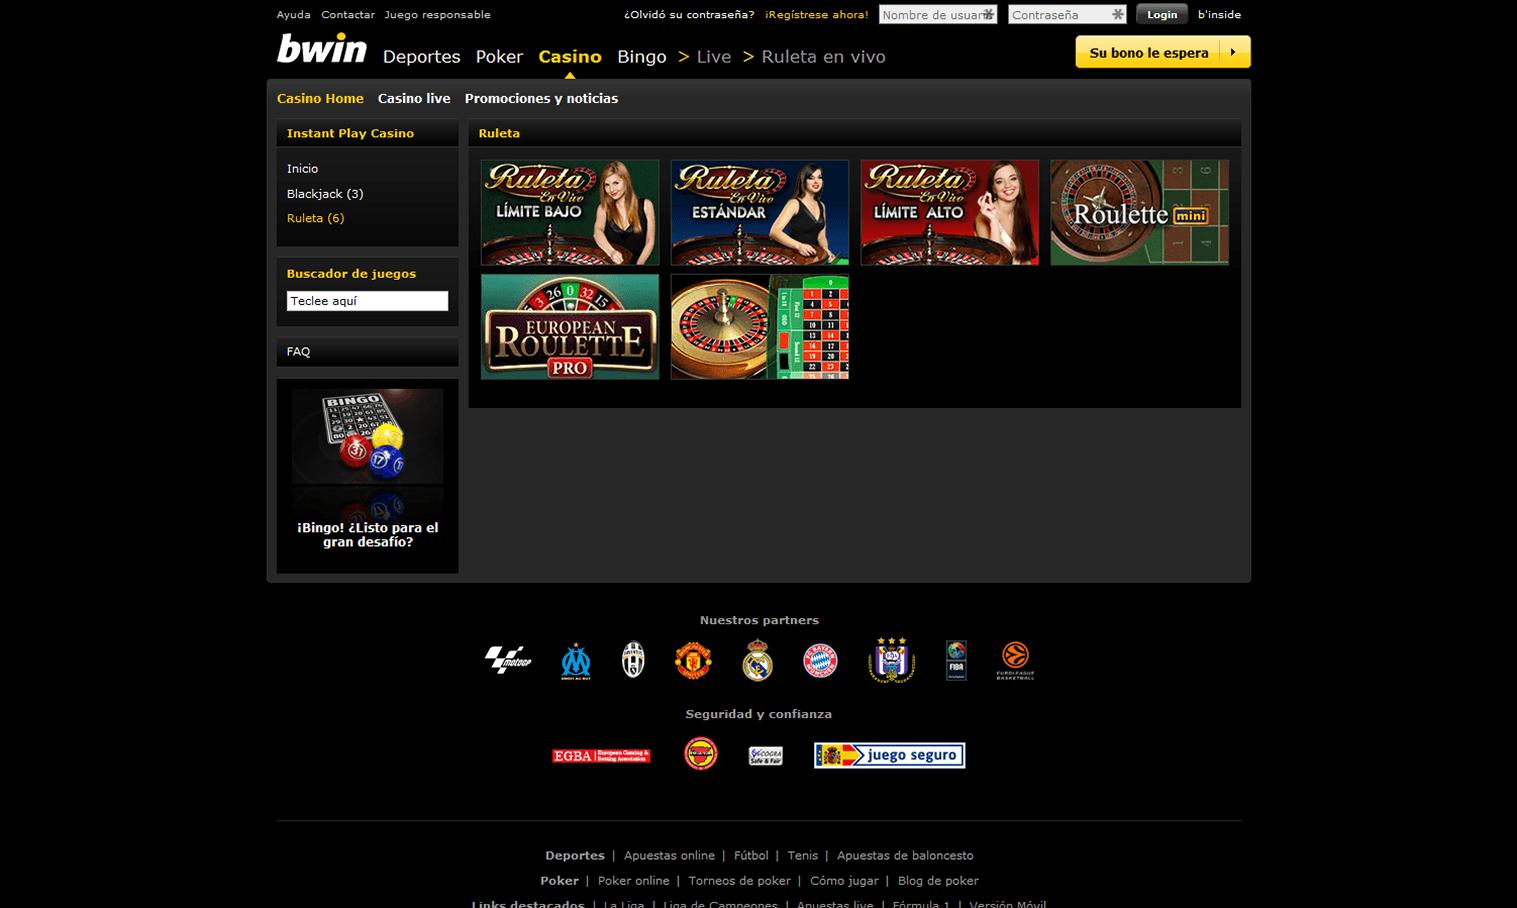 Bwin app juegos Dragonaraonline com-557679